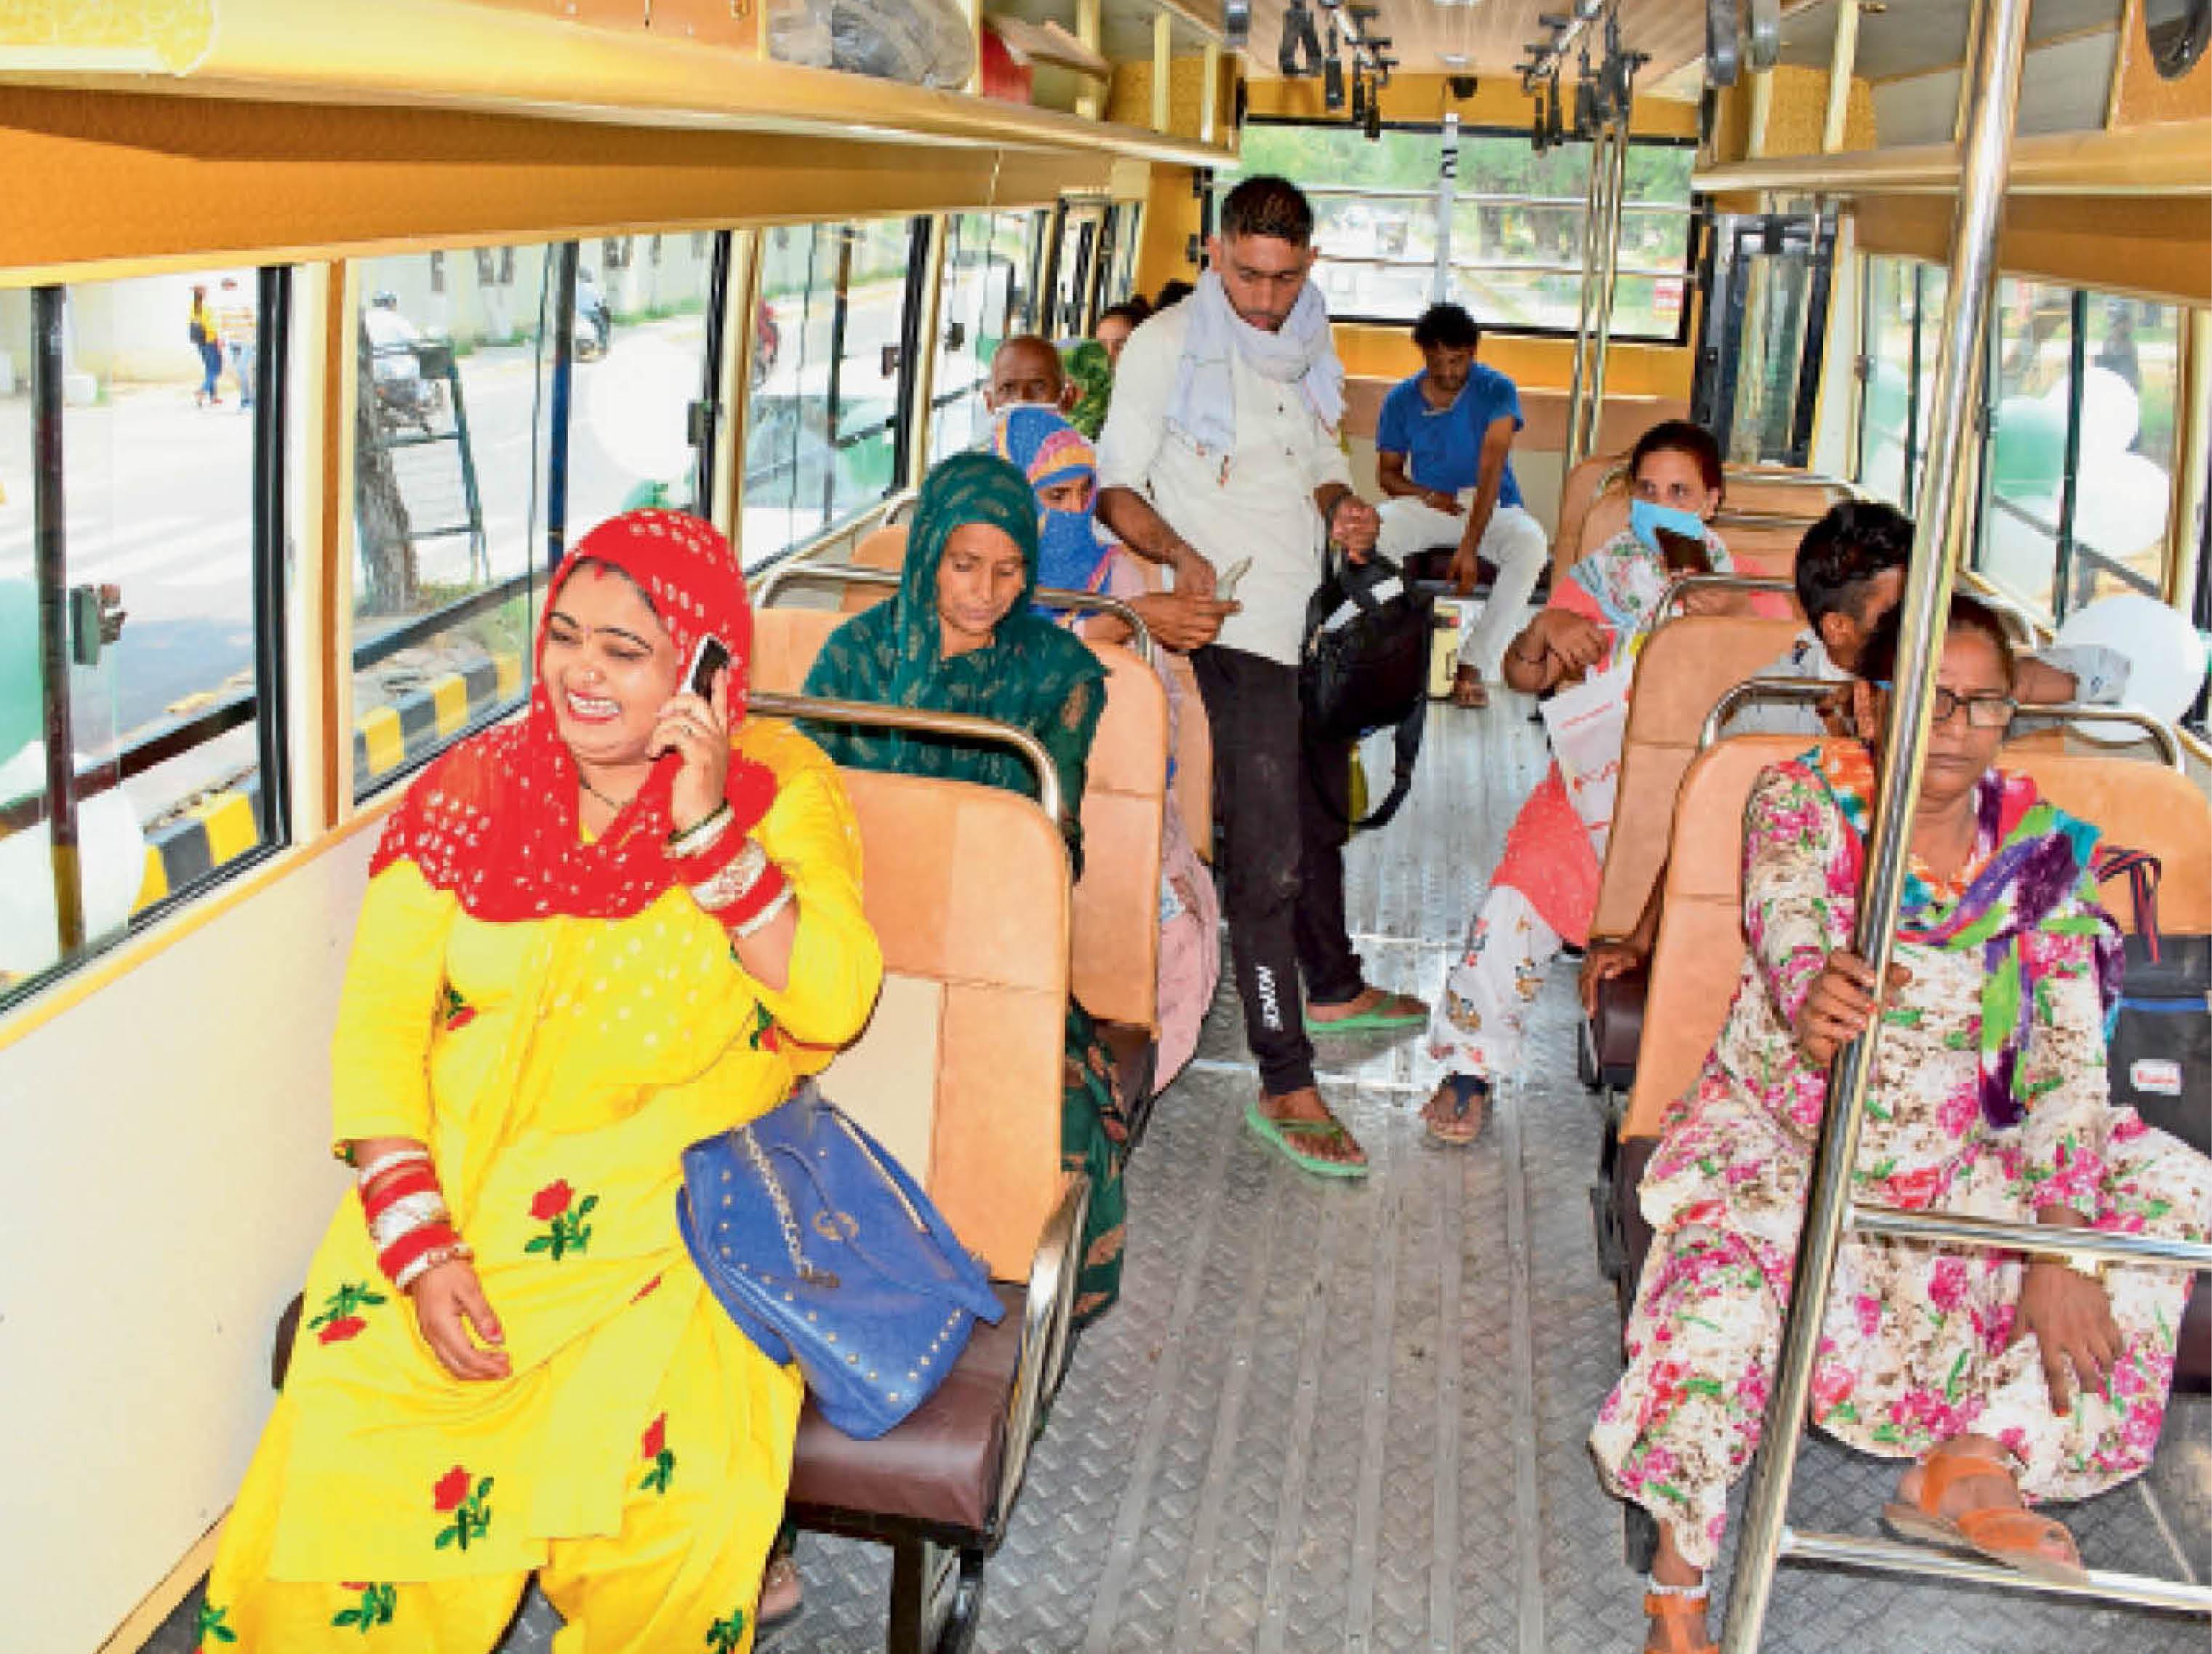 सिटी बस का किराया प्रति यात्री 10 रुपए रखा गया है। शुक्रवार को यात्रियों से पैसे तो लिए गए, लेकिन उन्हें टिकट नहीं दी गई। - Dainik Bhaskar